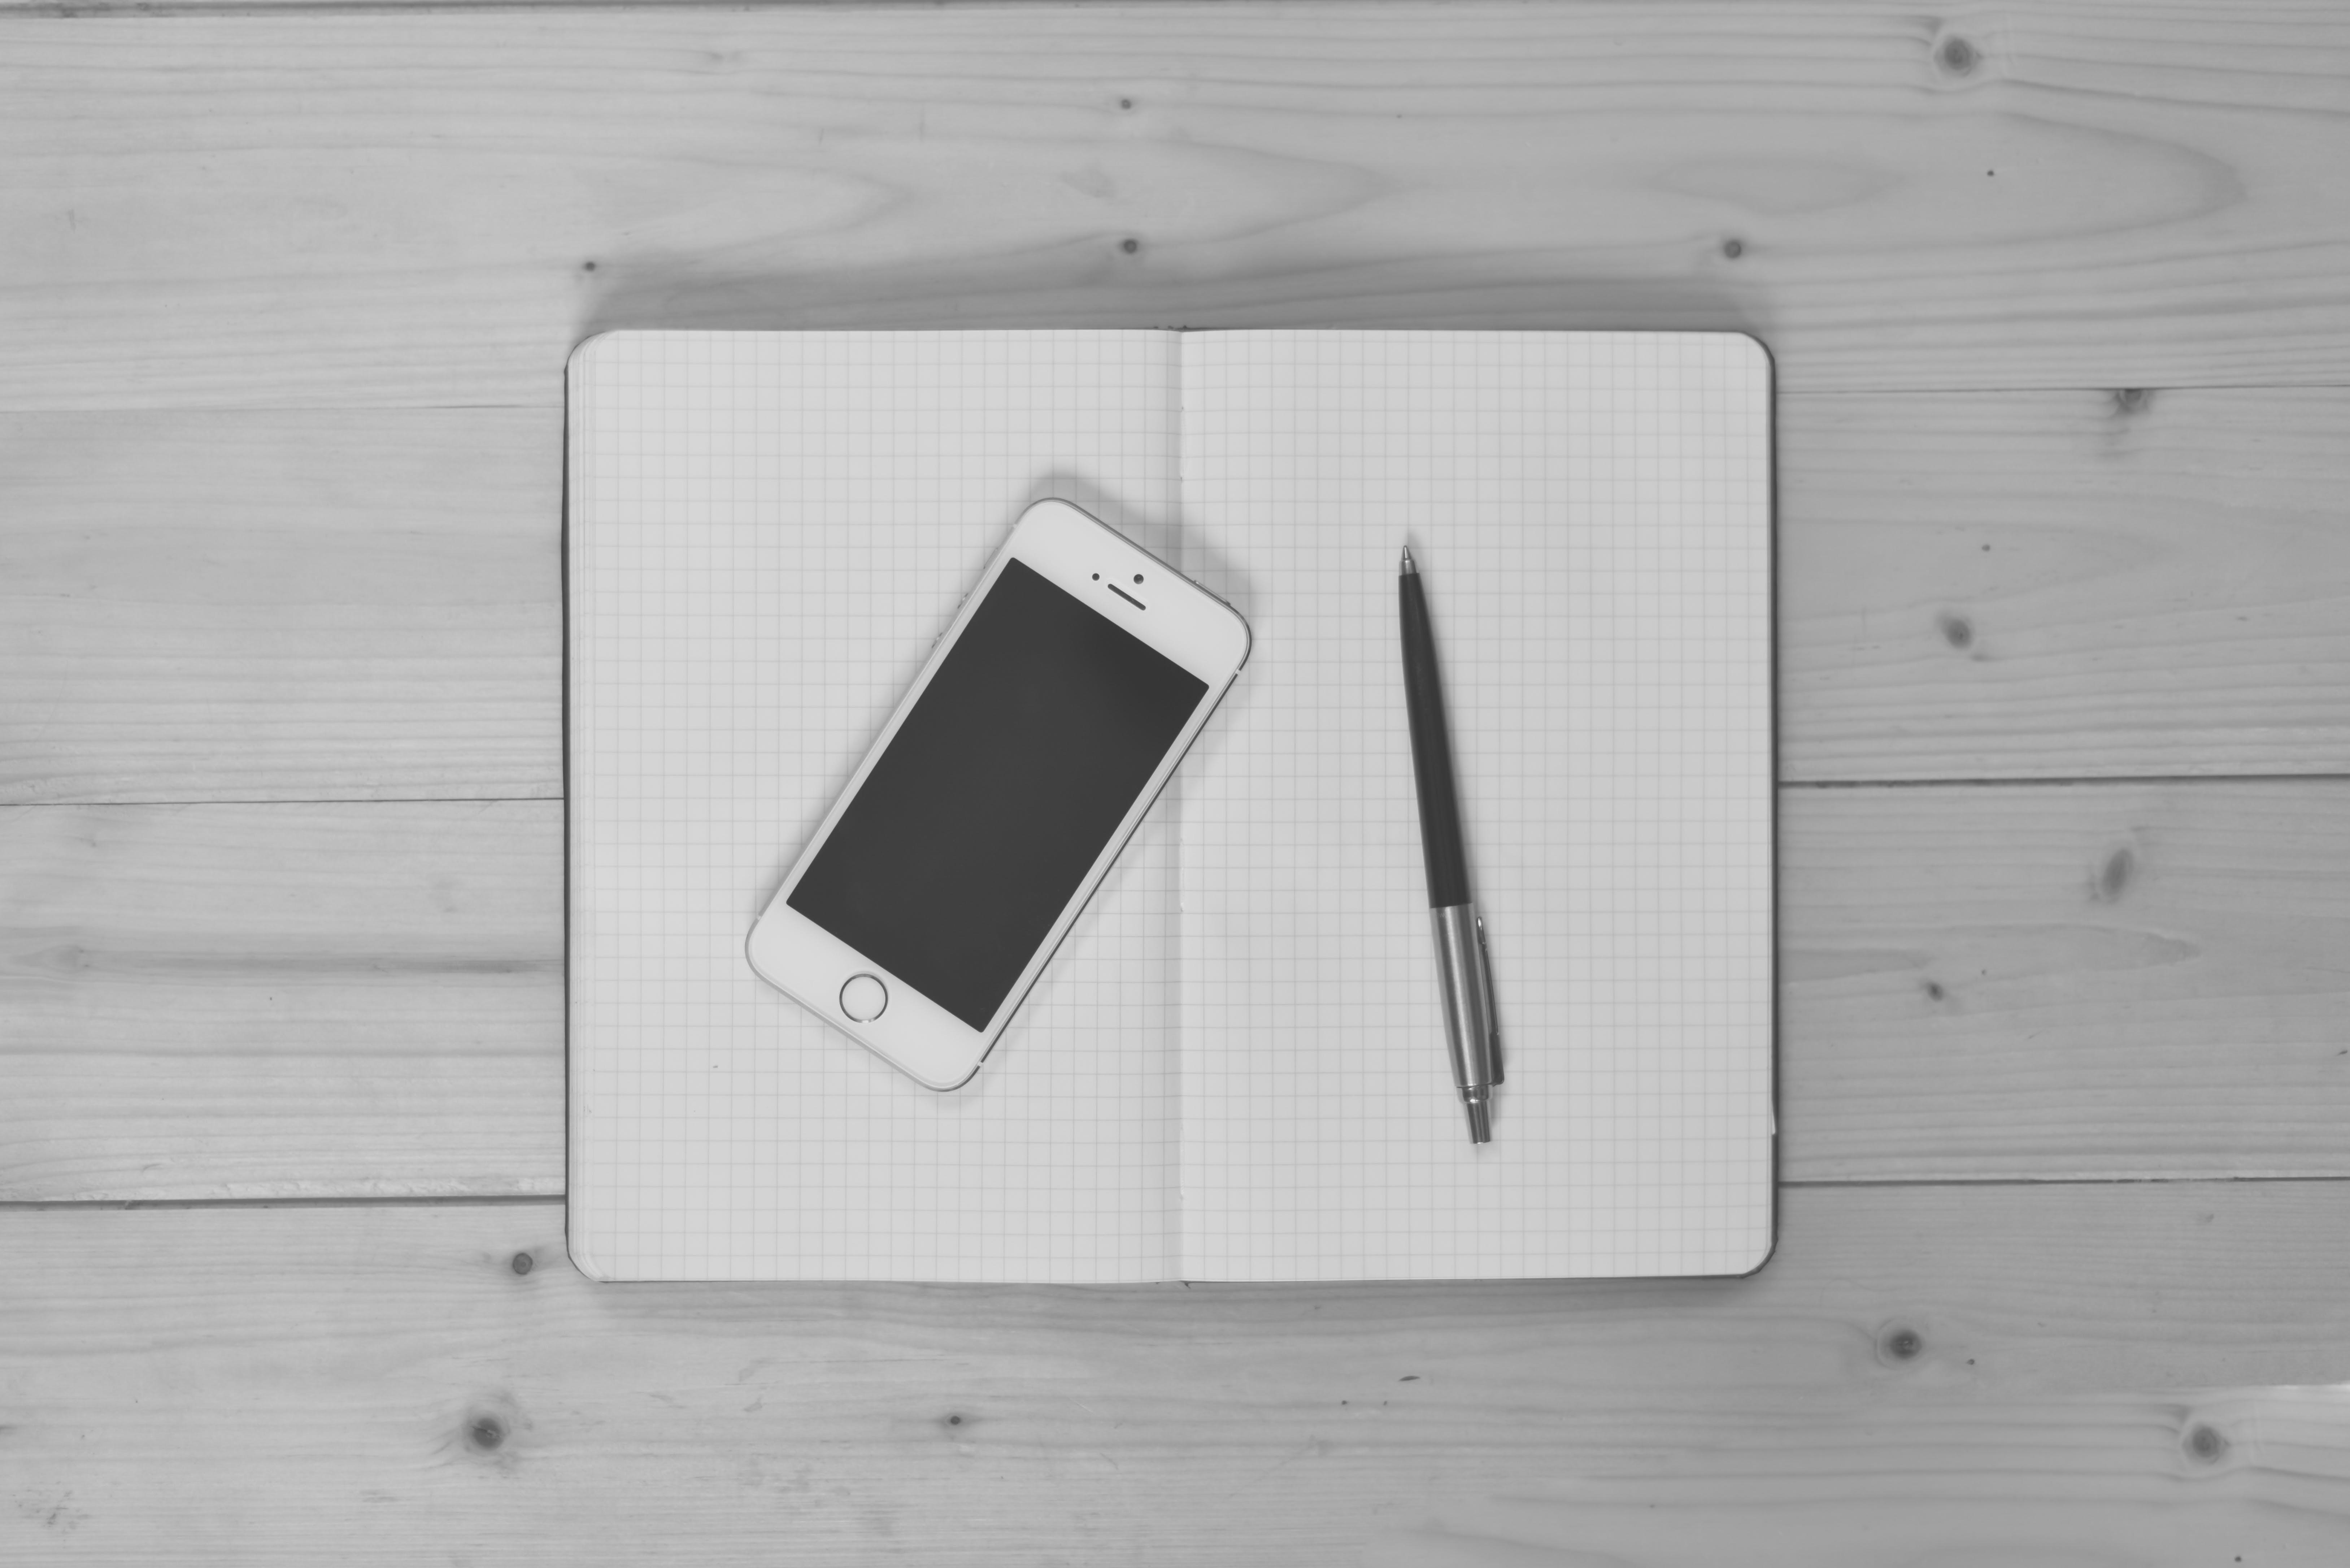 apple, black-and-white, desk